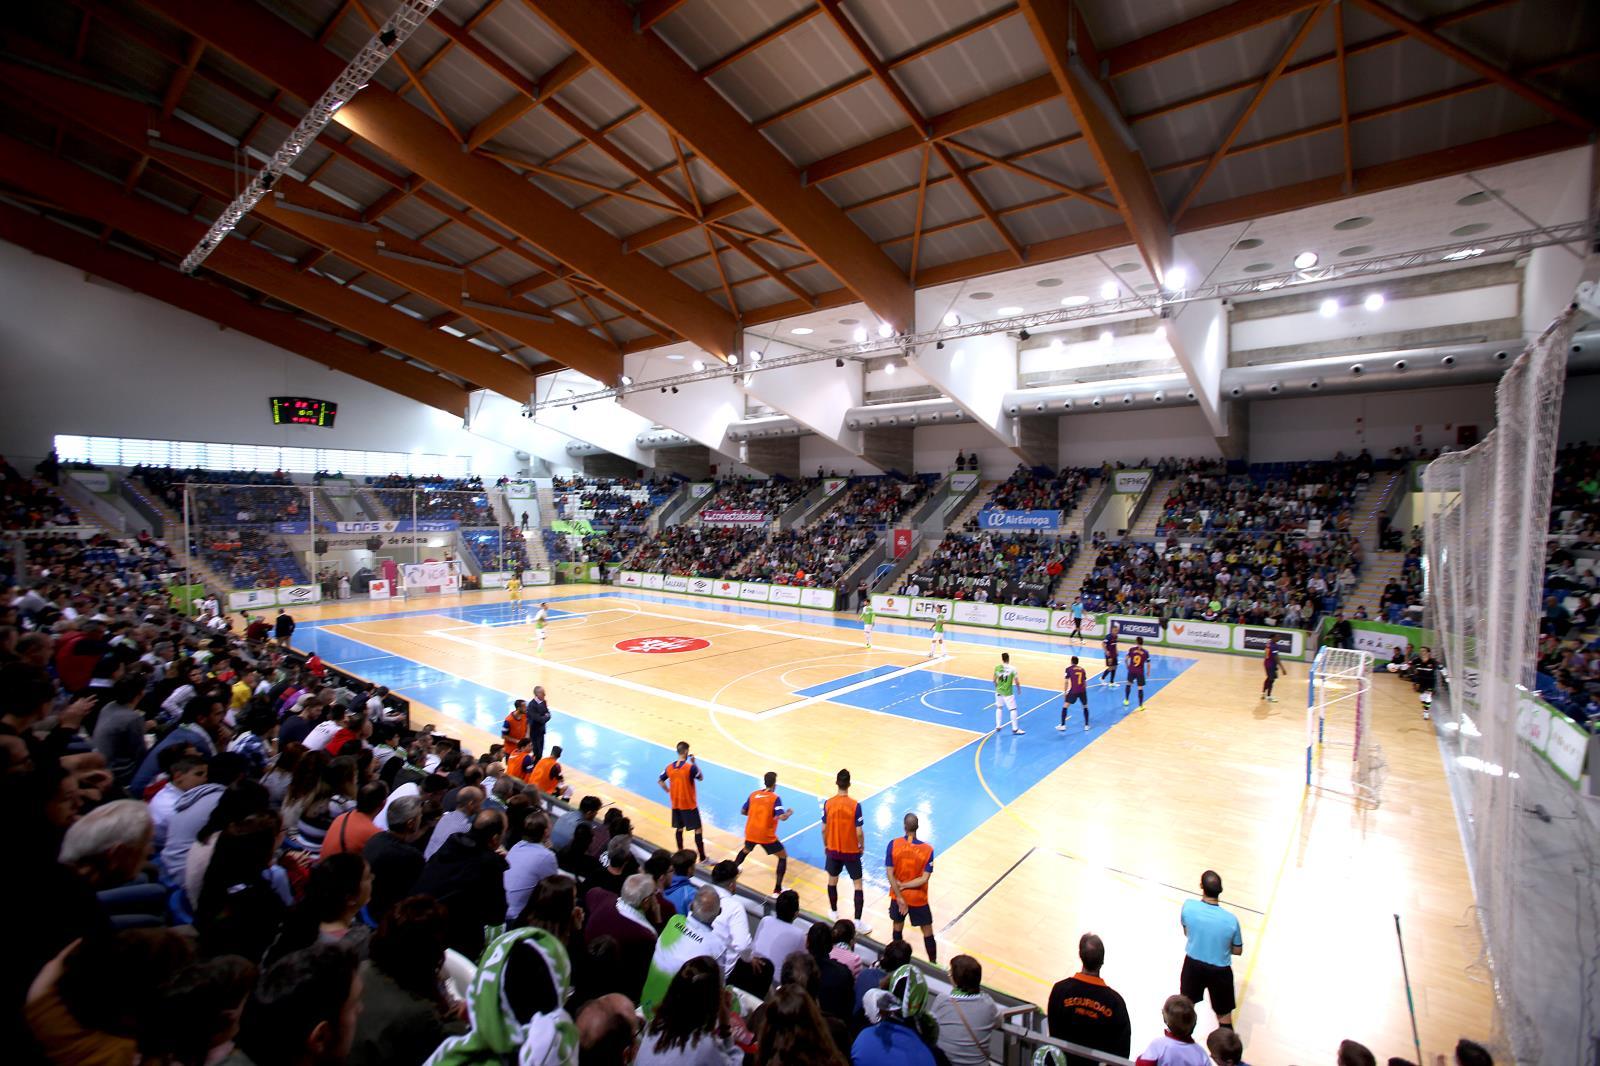 Son Moix ha registrado una buena entrada y mejor ambiente (Foto: Palma Futsal)